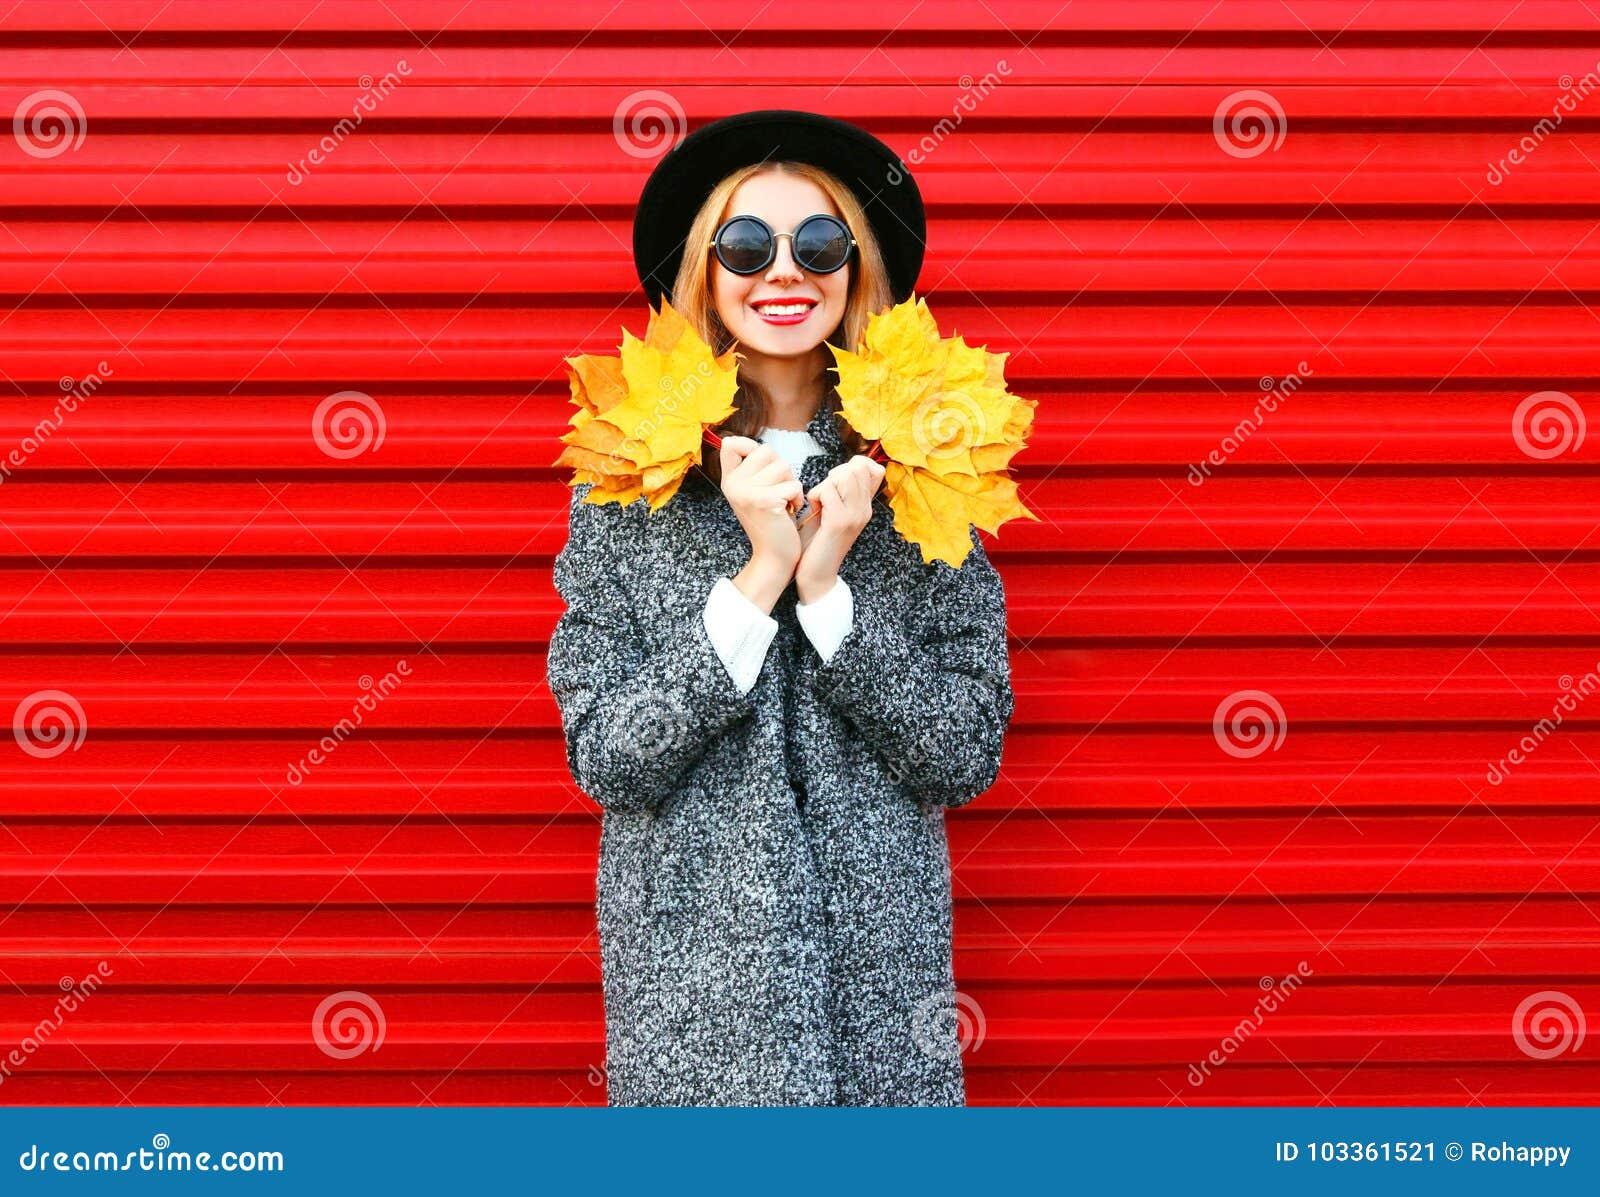 Glückliche lächelnde Frau des Modeherbstes hält gelbe Ahornblätter